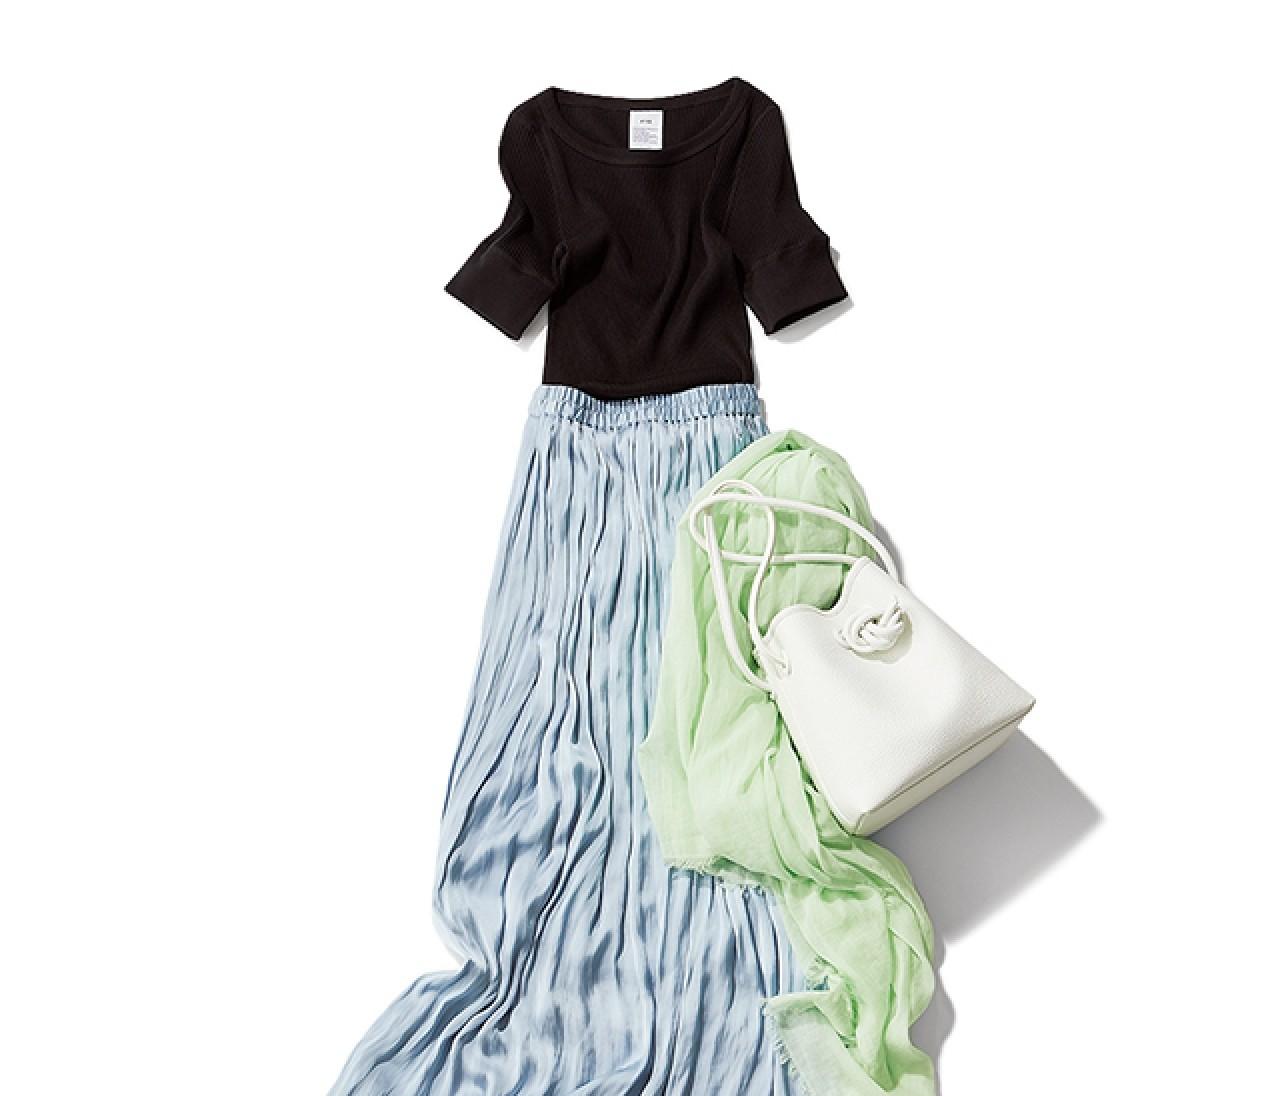 話しかけやすい雰囲気を作りたい日は、親しみやすいTシャツ&ギャザースカートコーデ【2019/7/2のコーデ】